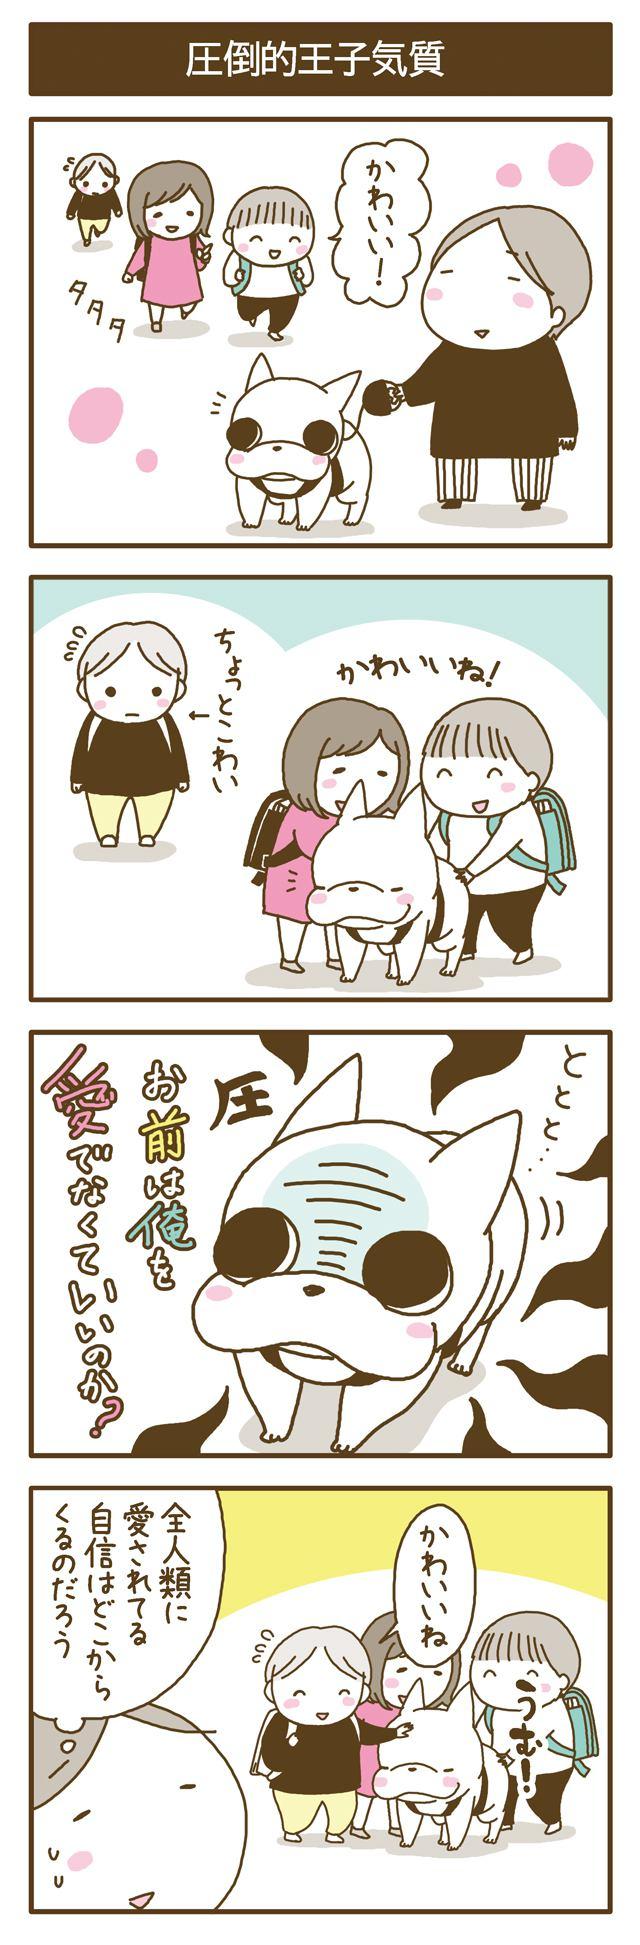 フレブルこくぼ第19話